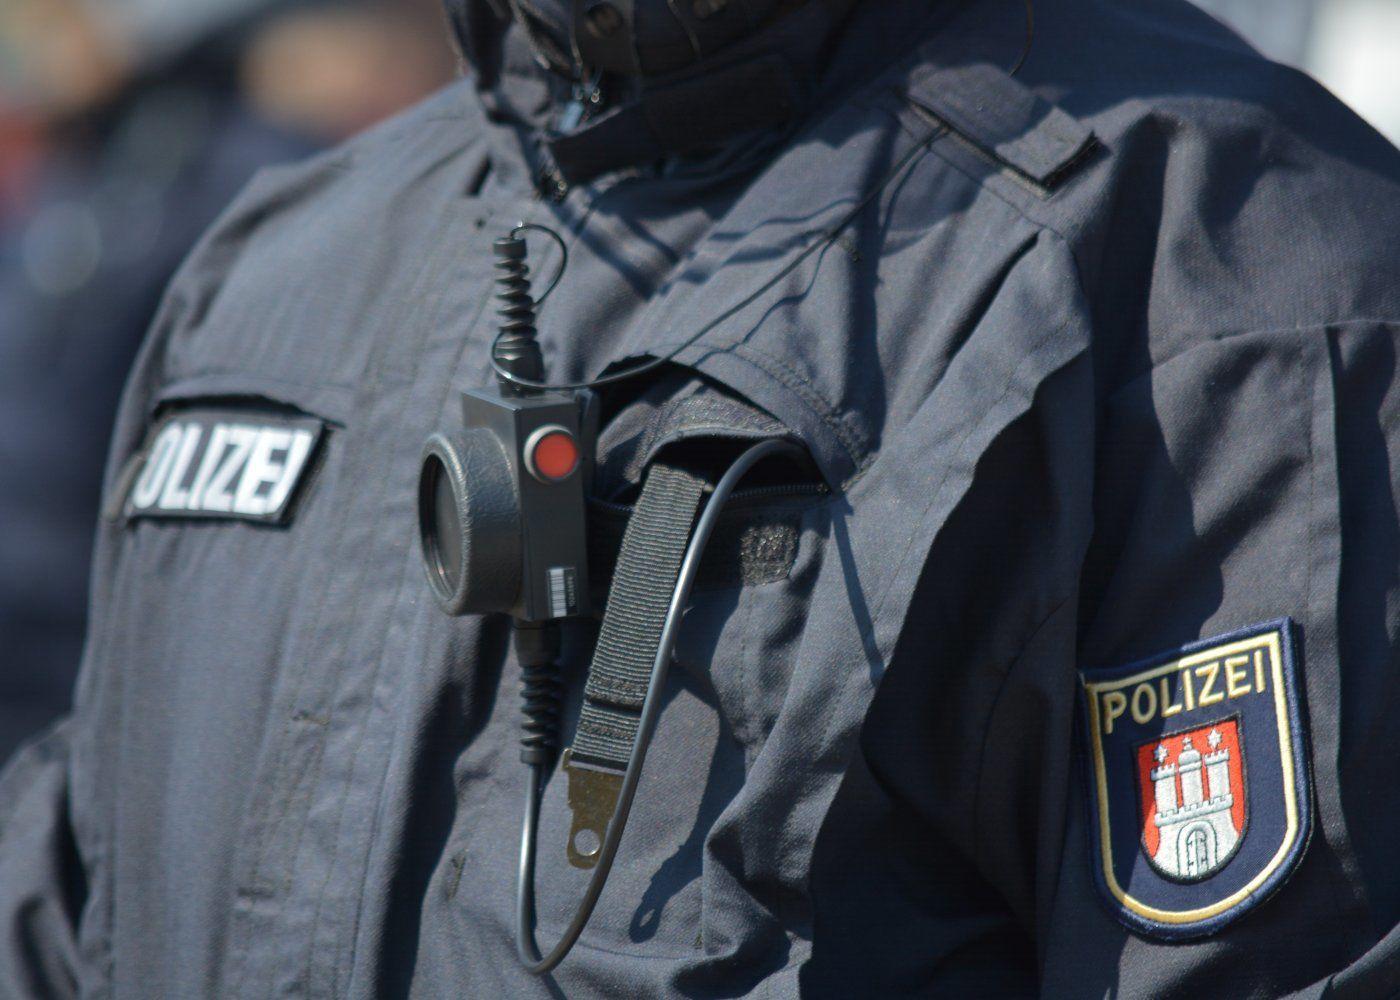 Verhalten bei Polizeikontrollen